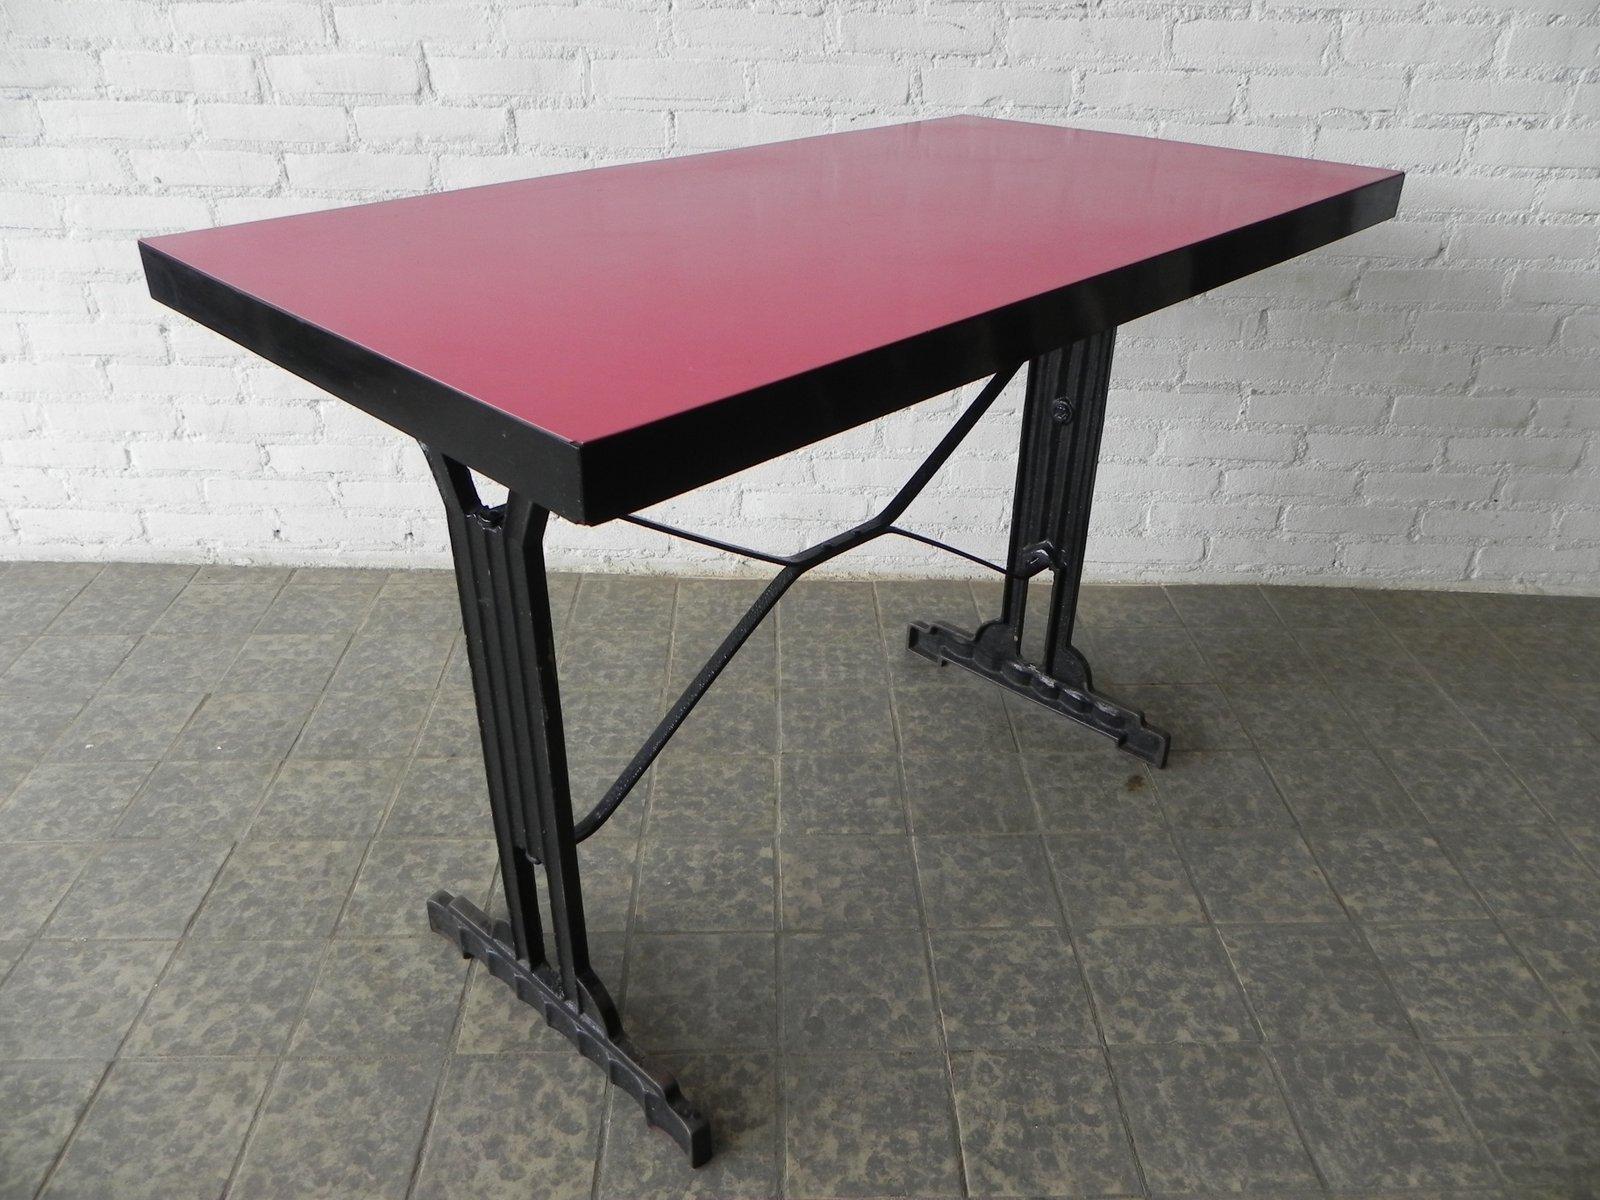 franz sischer bistro tisch mit gusseisen gestell und formica tischplatte 1930er bei pamono kaufen. Black Bedroom Furniture Sets. Home Design Ideas